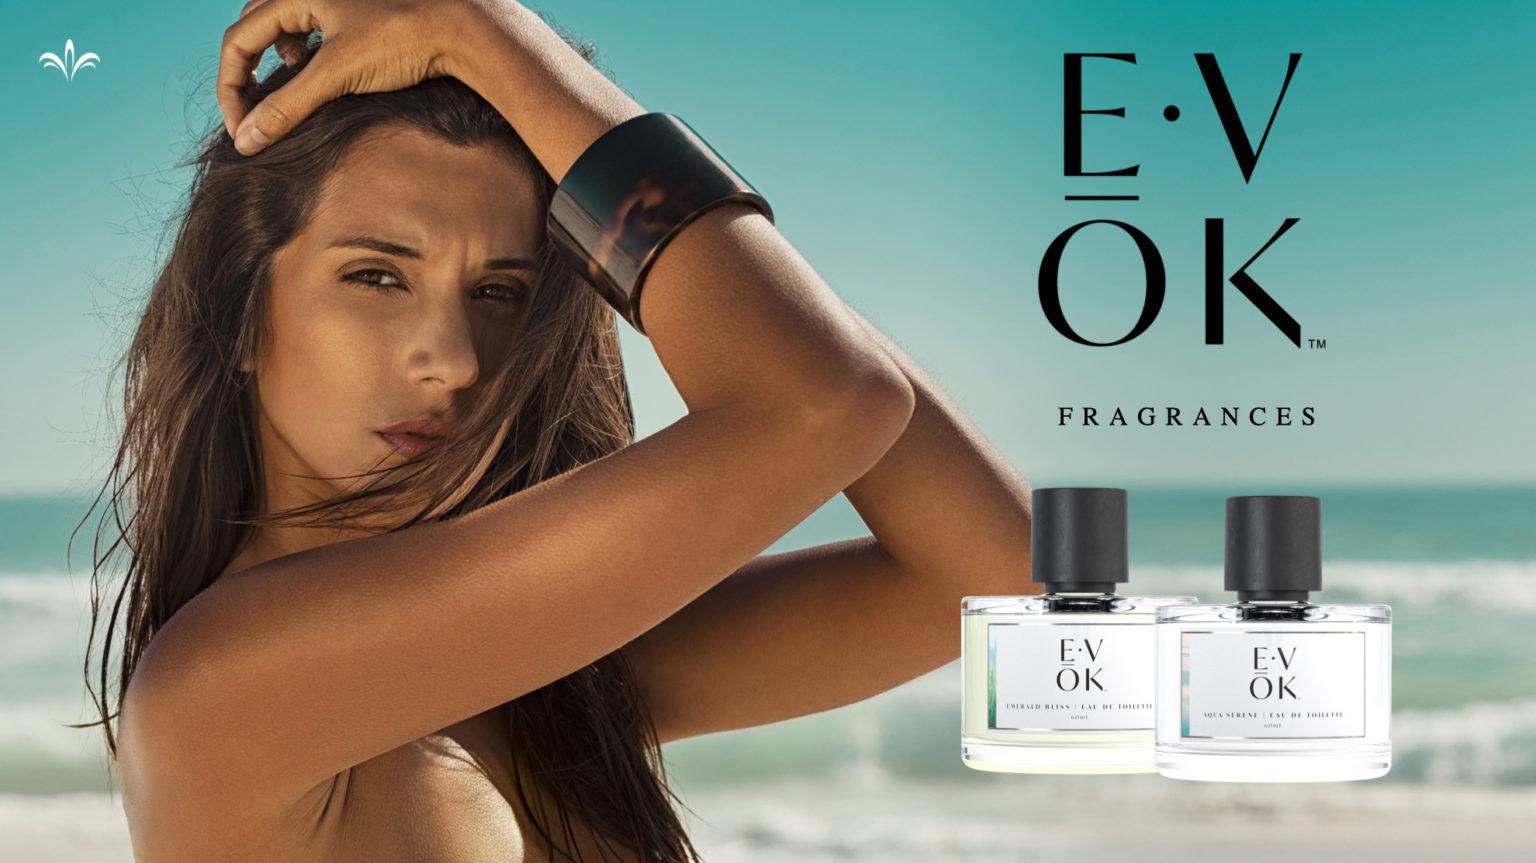 Perfumes E-VOK Jeunesse | Maria da Graça Congro